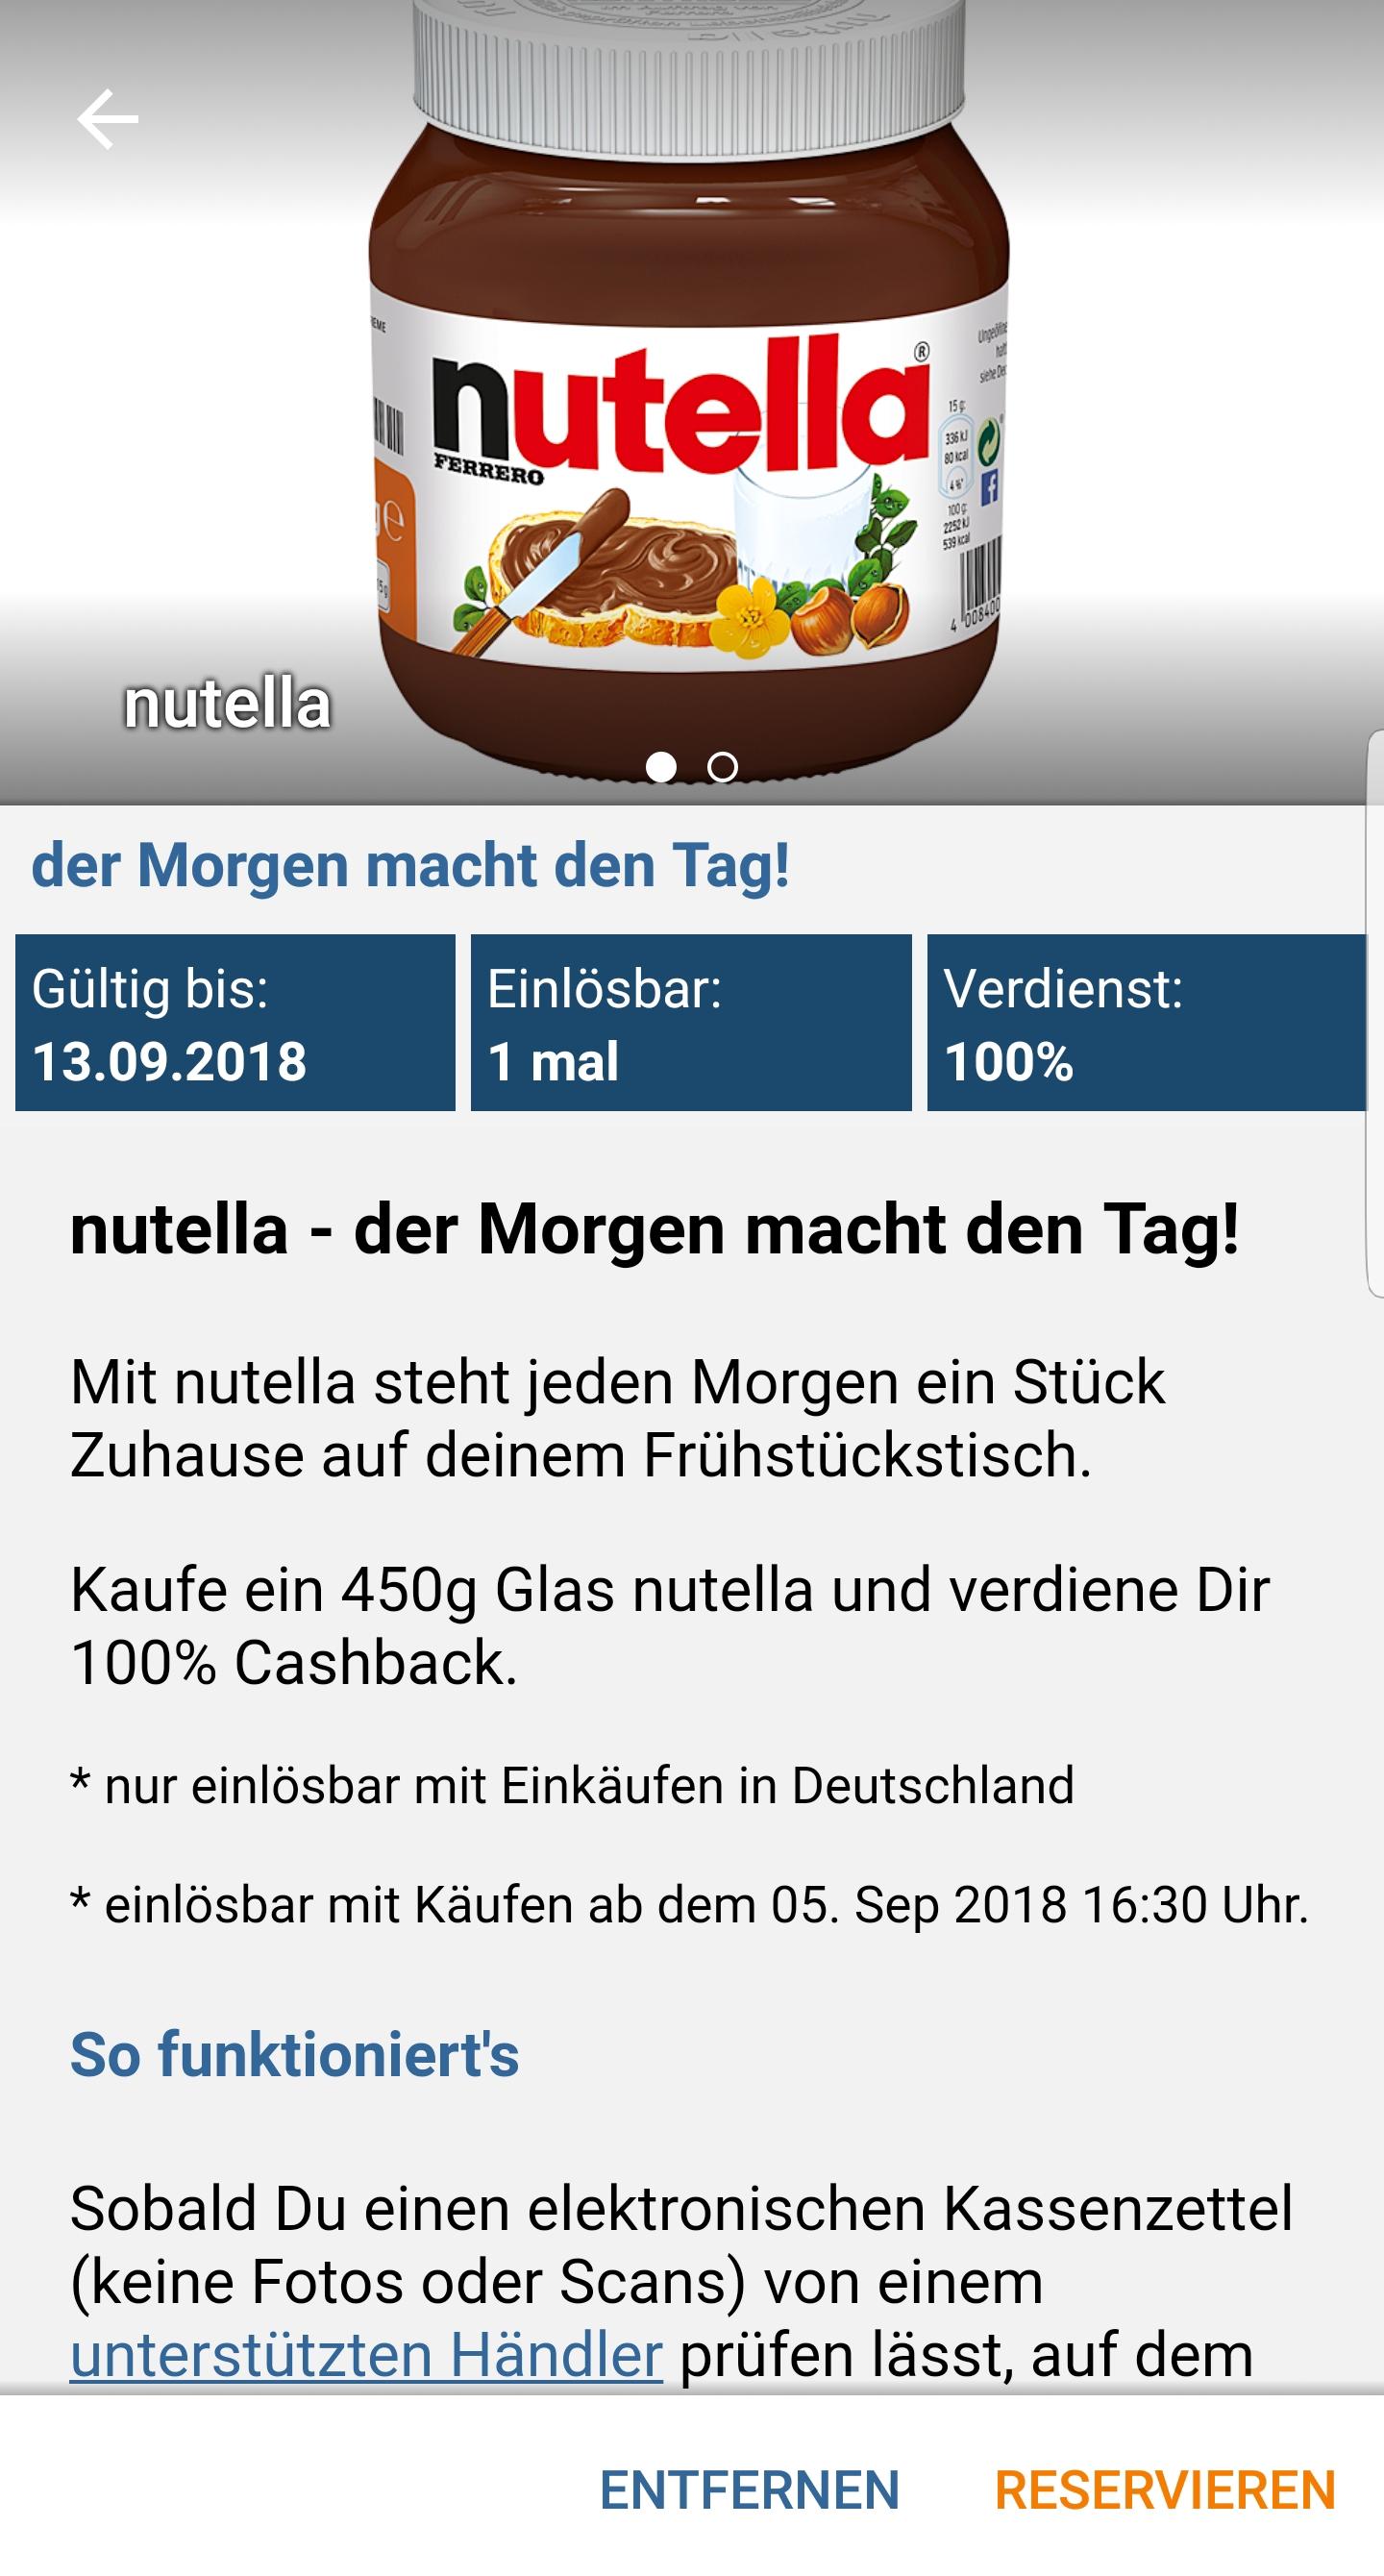 Gratis Nutella (450 g) durch 100 % Cashback bei Reebate